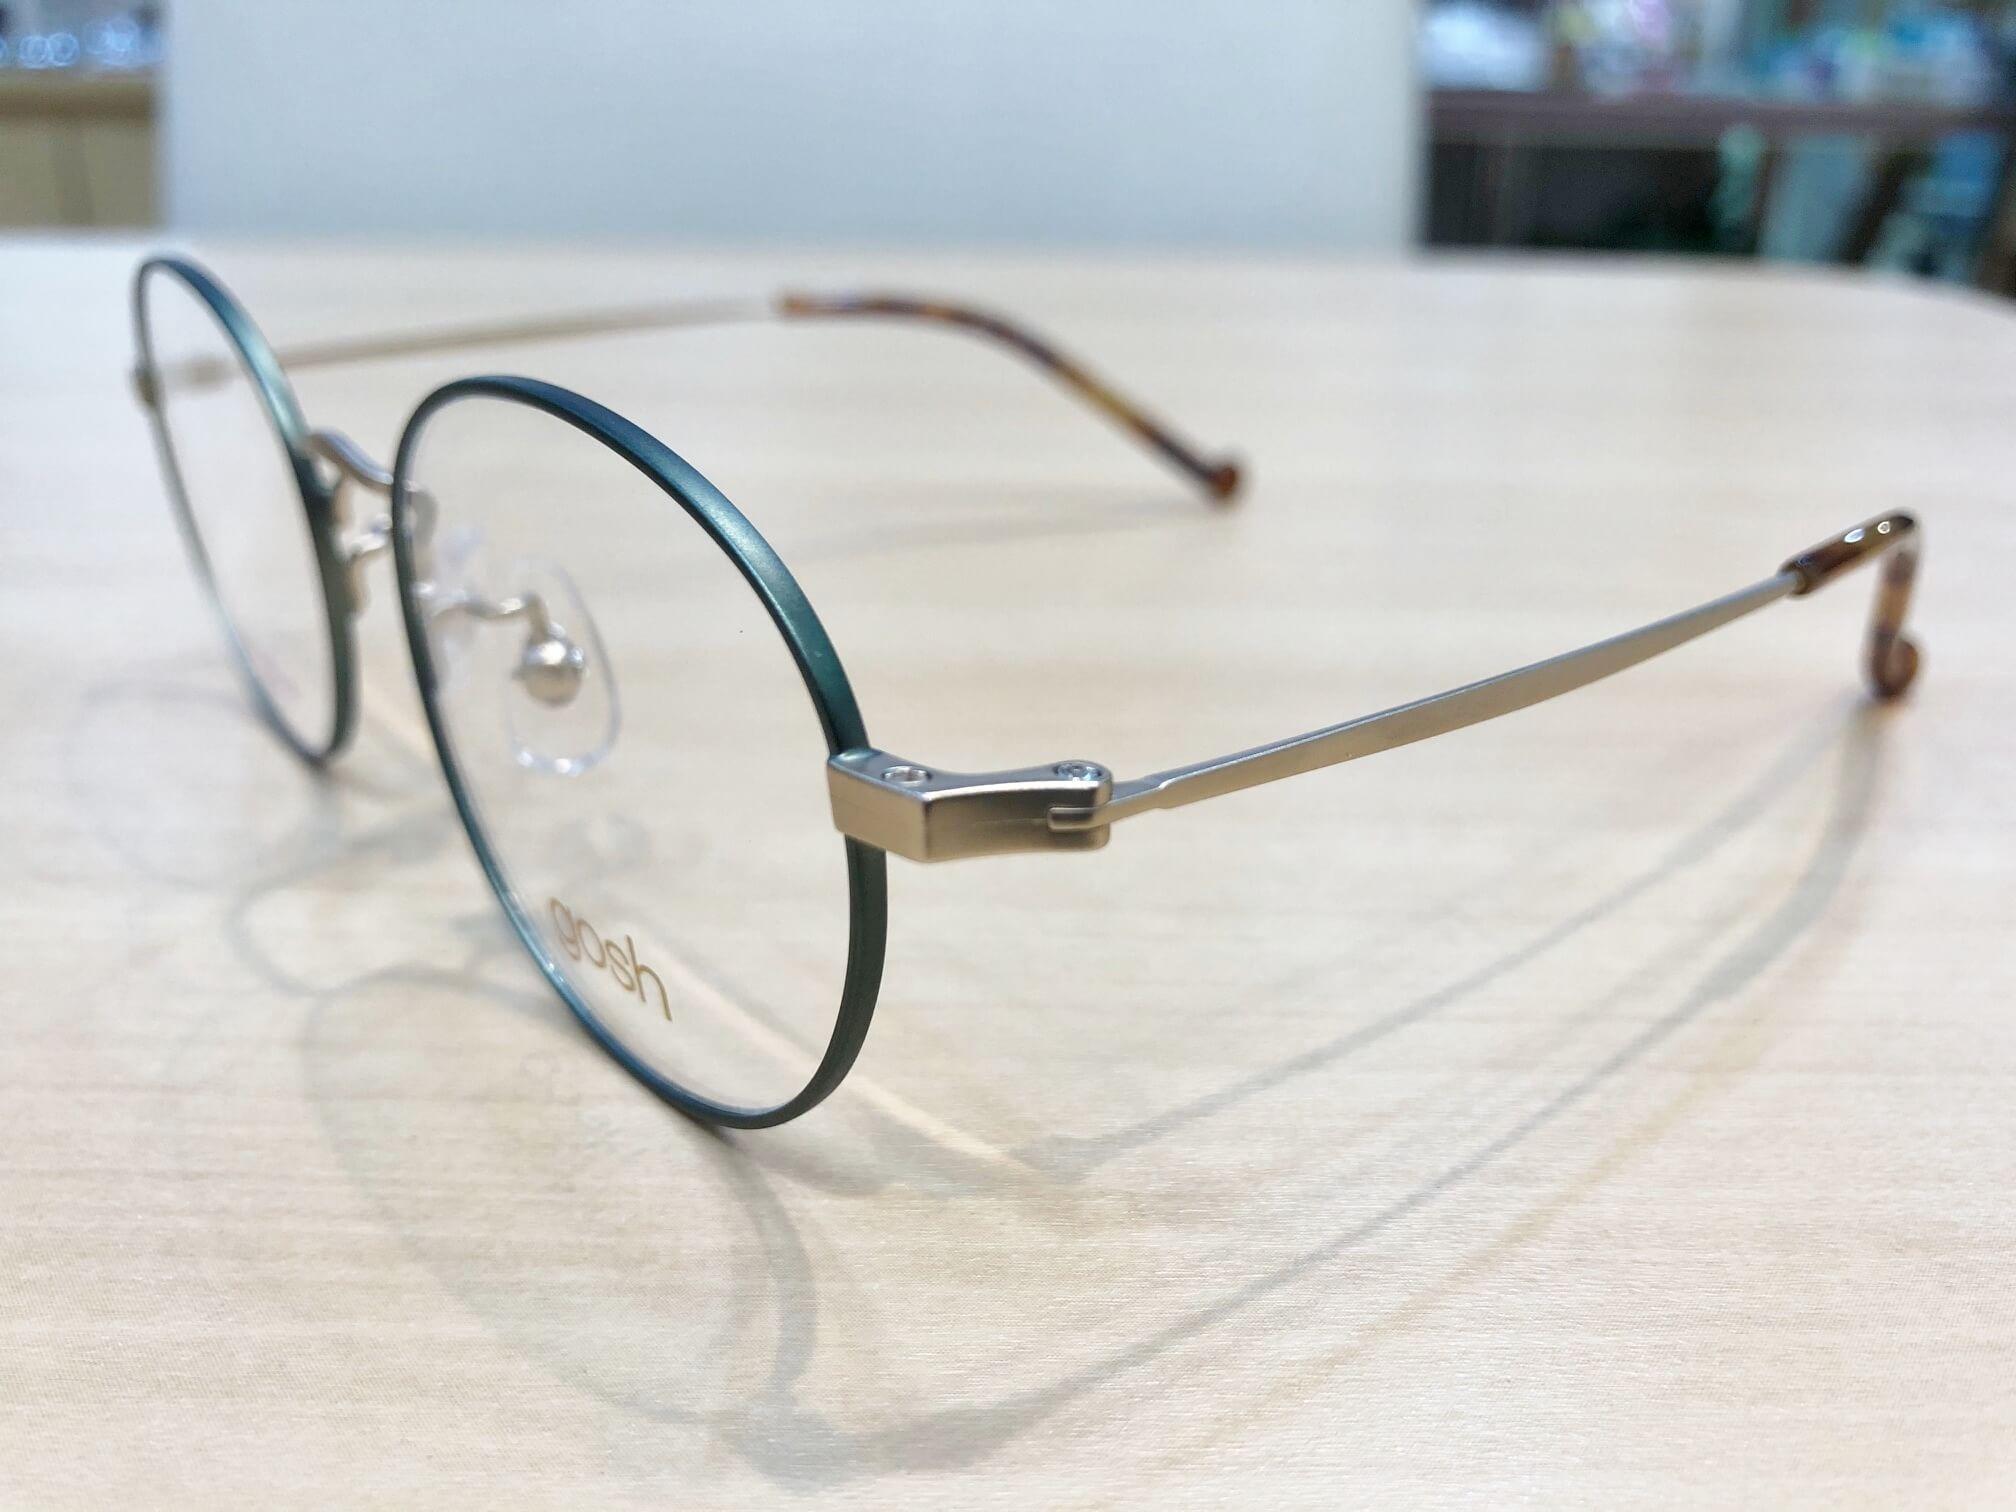 ゴッシュ 品番:gos-A-1004 カラー:1 レンズサイズ:47ミリ